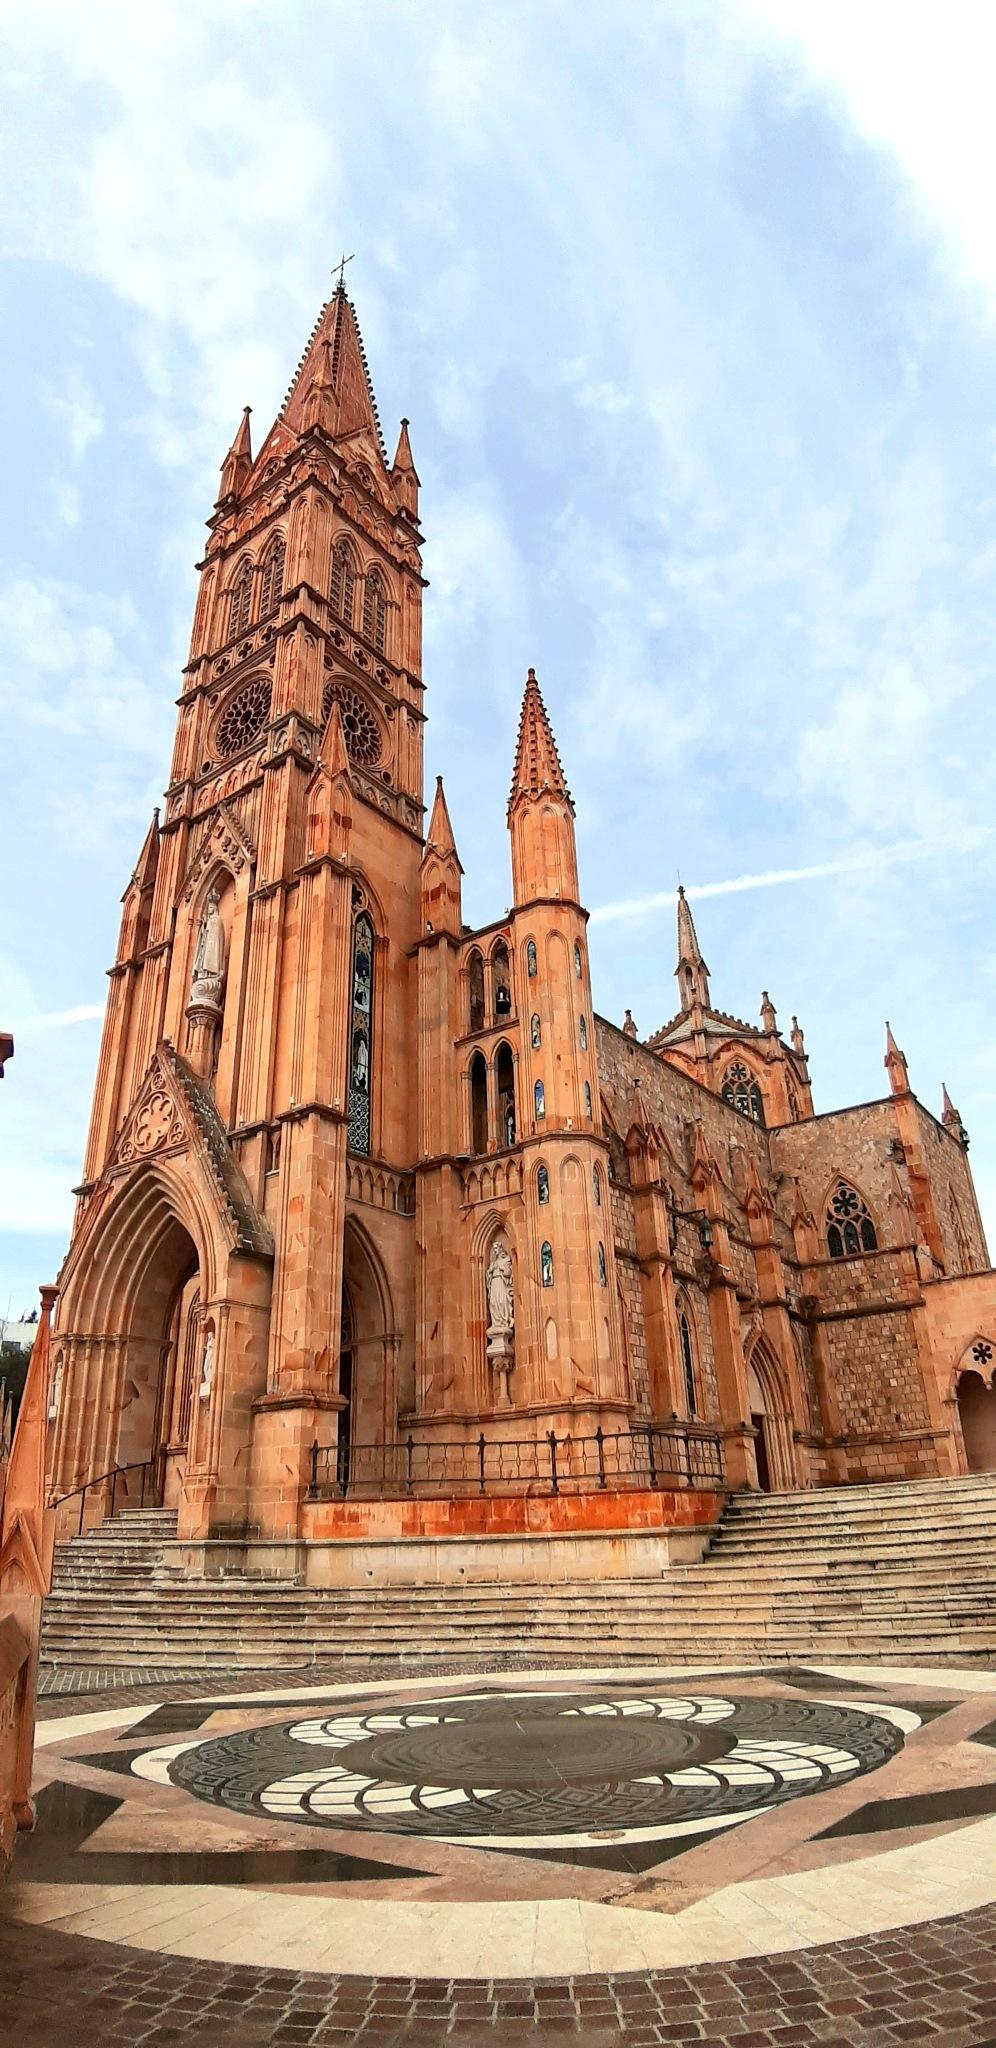 Catedral Nuestra señora de Fátima.  by Silvio Vargas